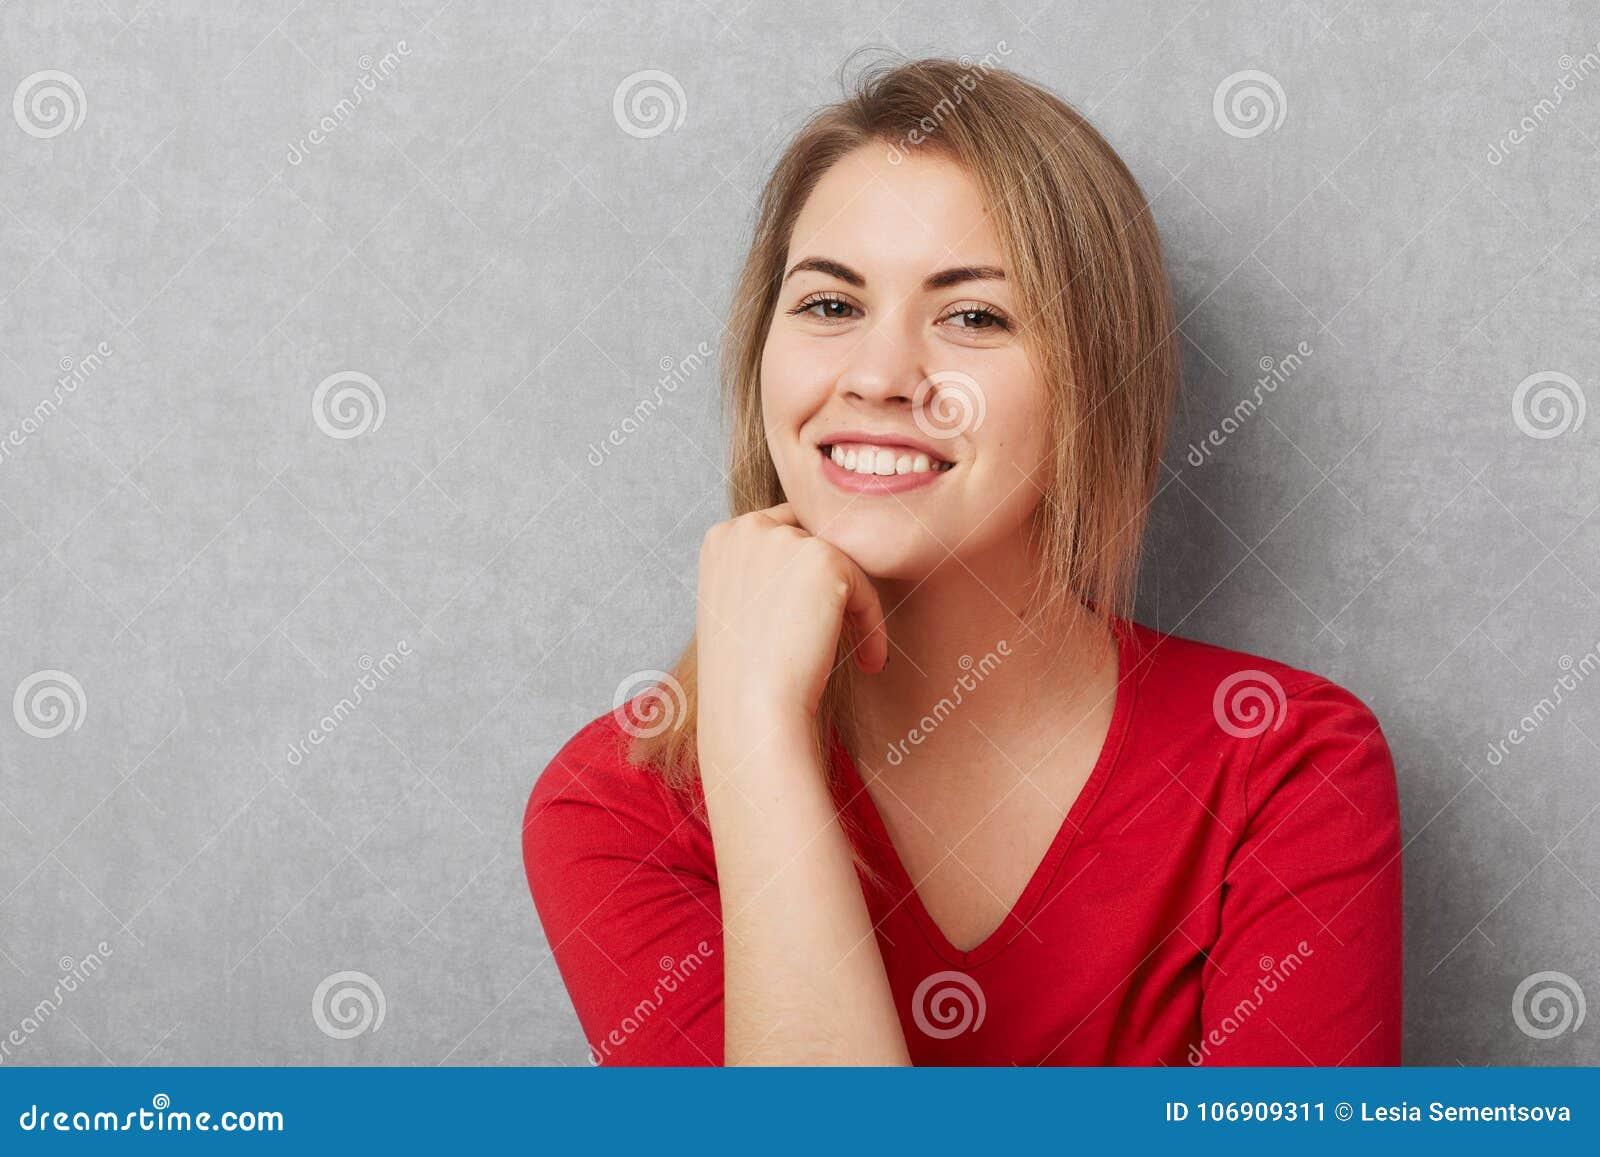 Przyjemna patrzeje zadowolona kobieta przyjemnego uśmiech, demonstruje białych perfect zęby, utrzymanie ręka pod podbródkiem, być